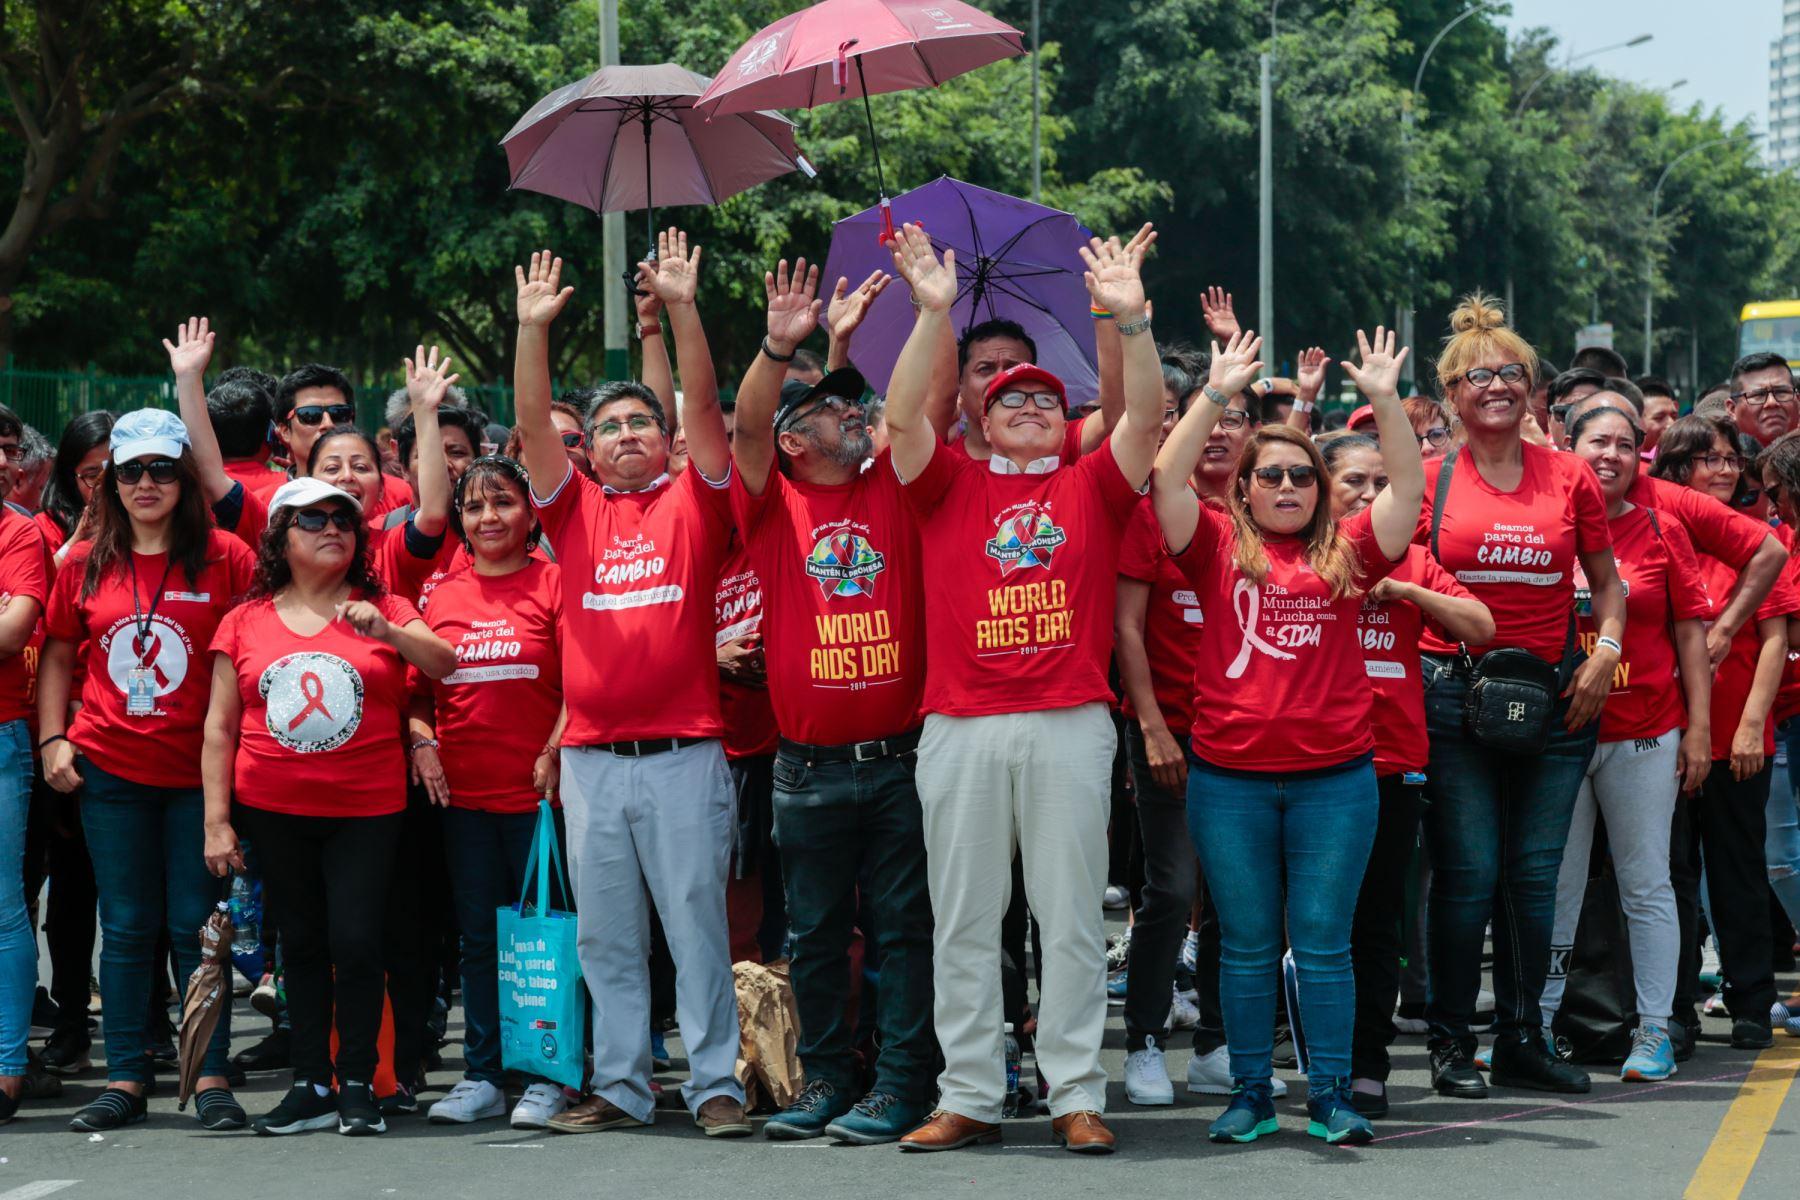 Ministra de Salud, Elizabeth Hinostroza Pereyra encabeza la formación del lazo humano como parte de las acciones por el Día Mundial de la Lucha contra el Sida. Foto: Difusión Ministerio de Salud